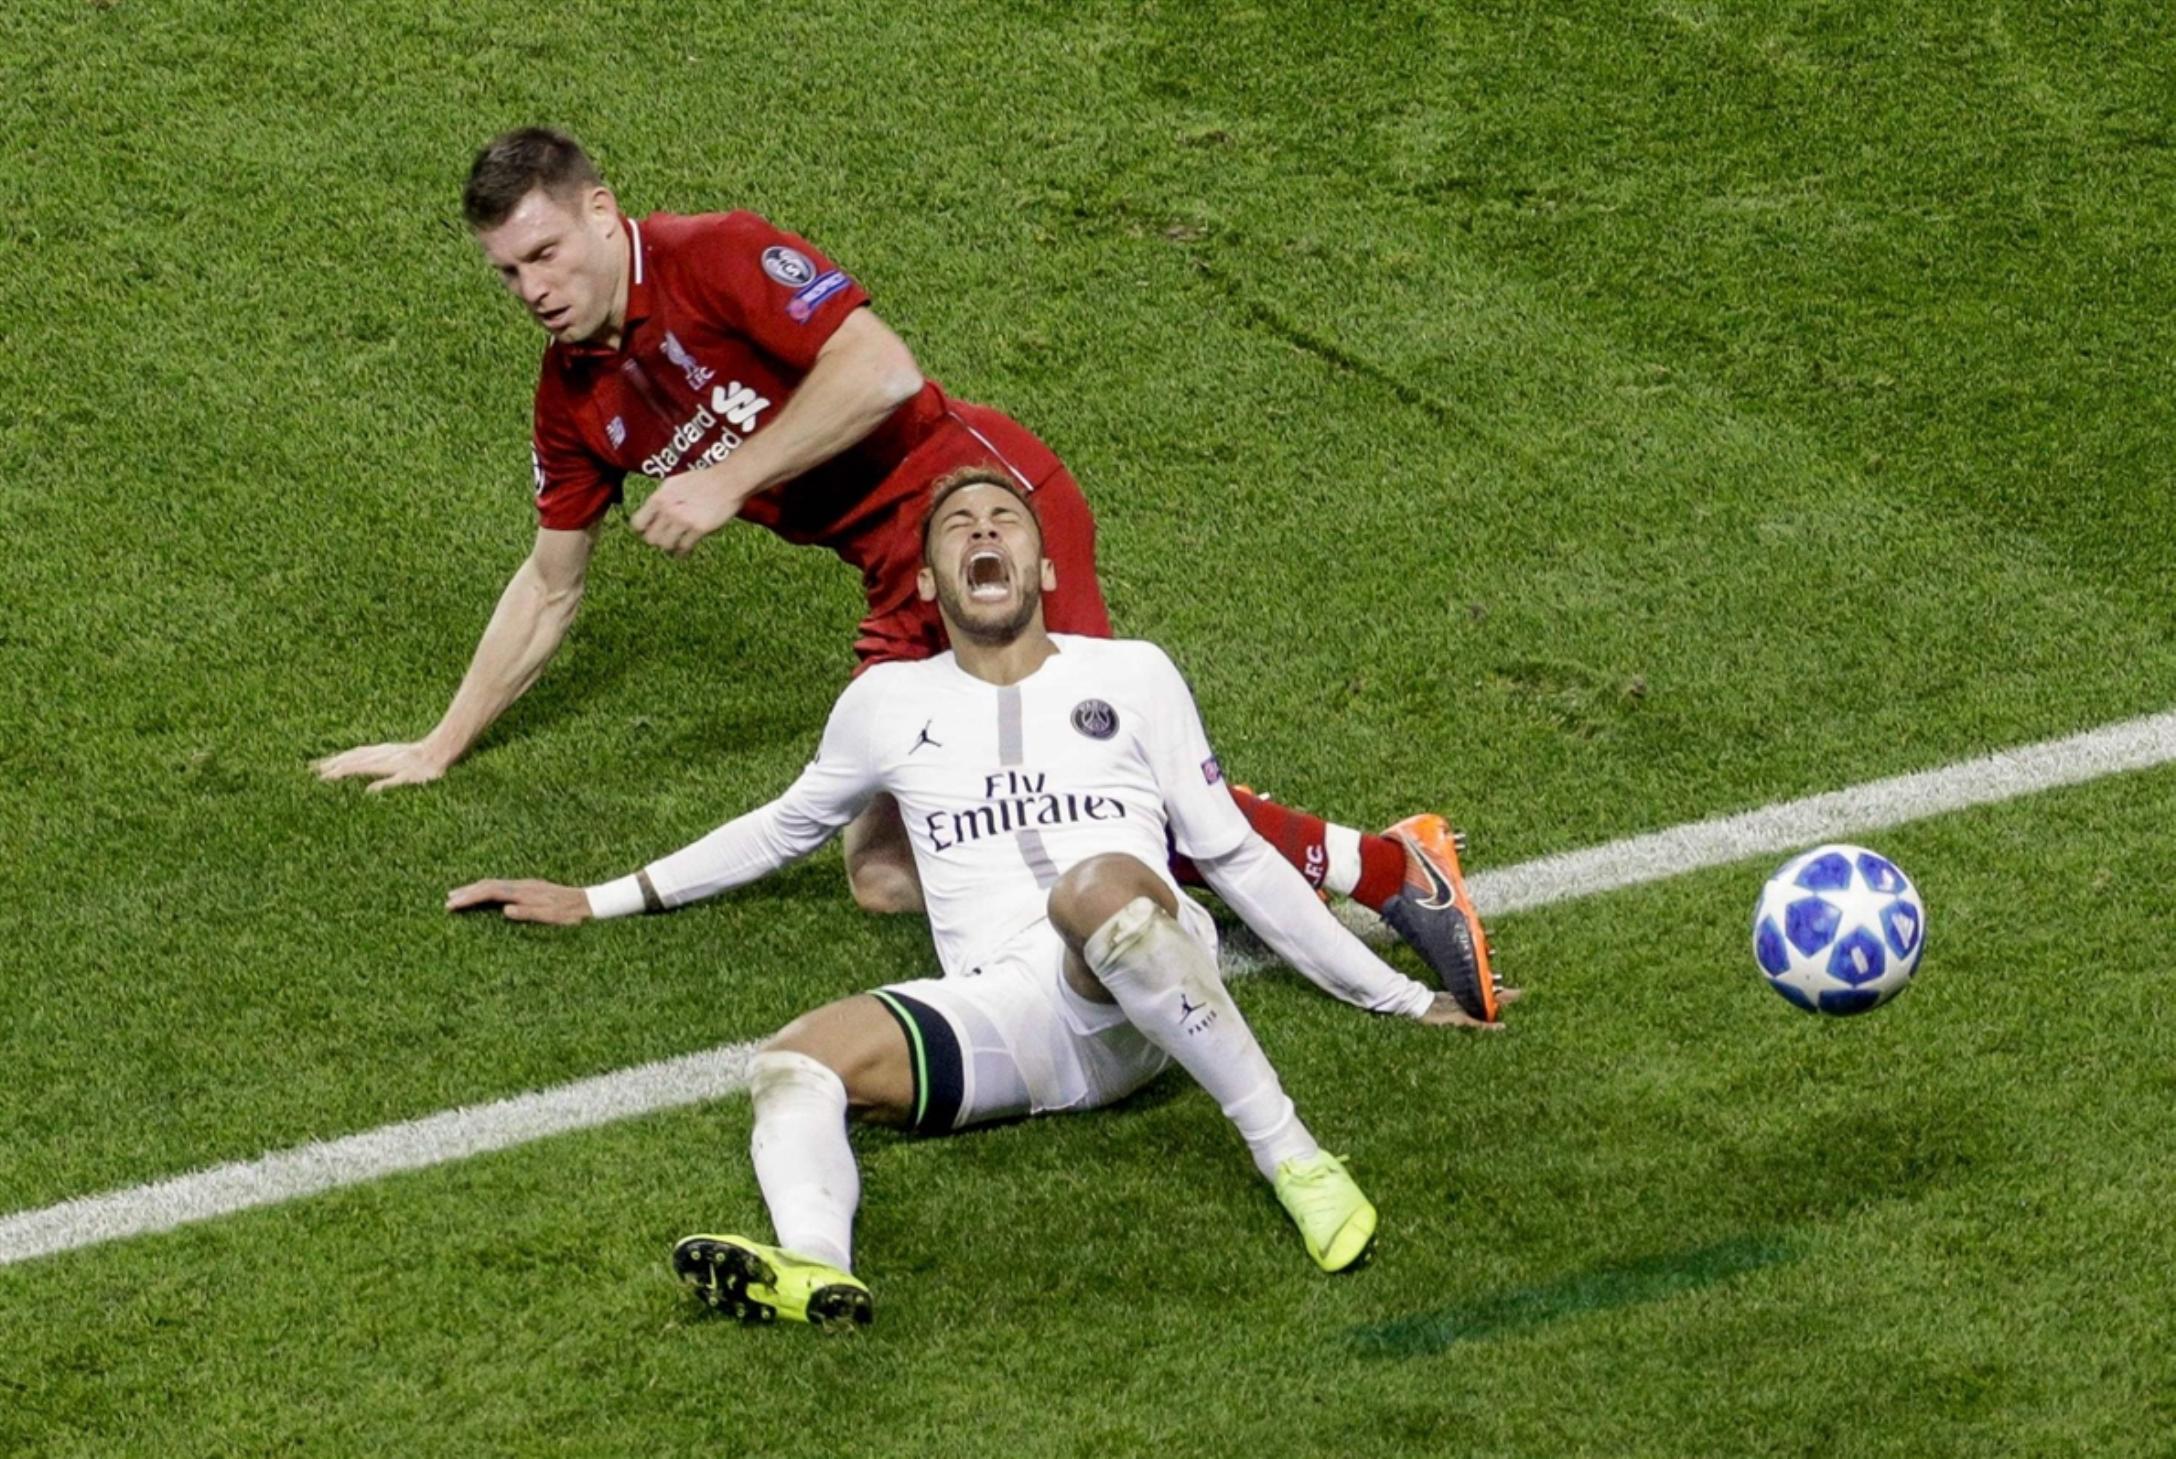 حديث كرة القدم: نيمار الـ«كراكوز»، صيد آرسنال «الثمين»، وميسي ليس الأفضل في عينيّ رونالدينيو